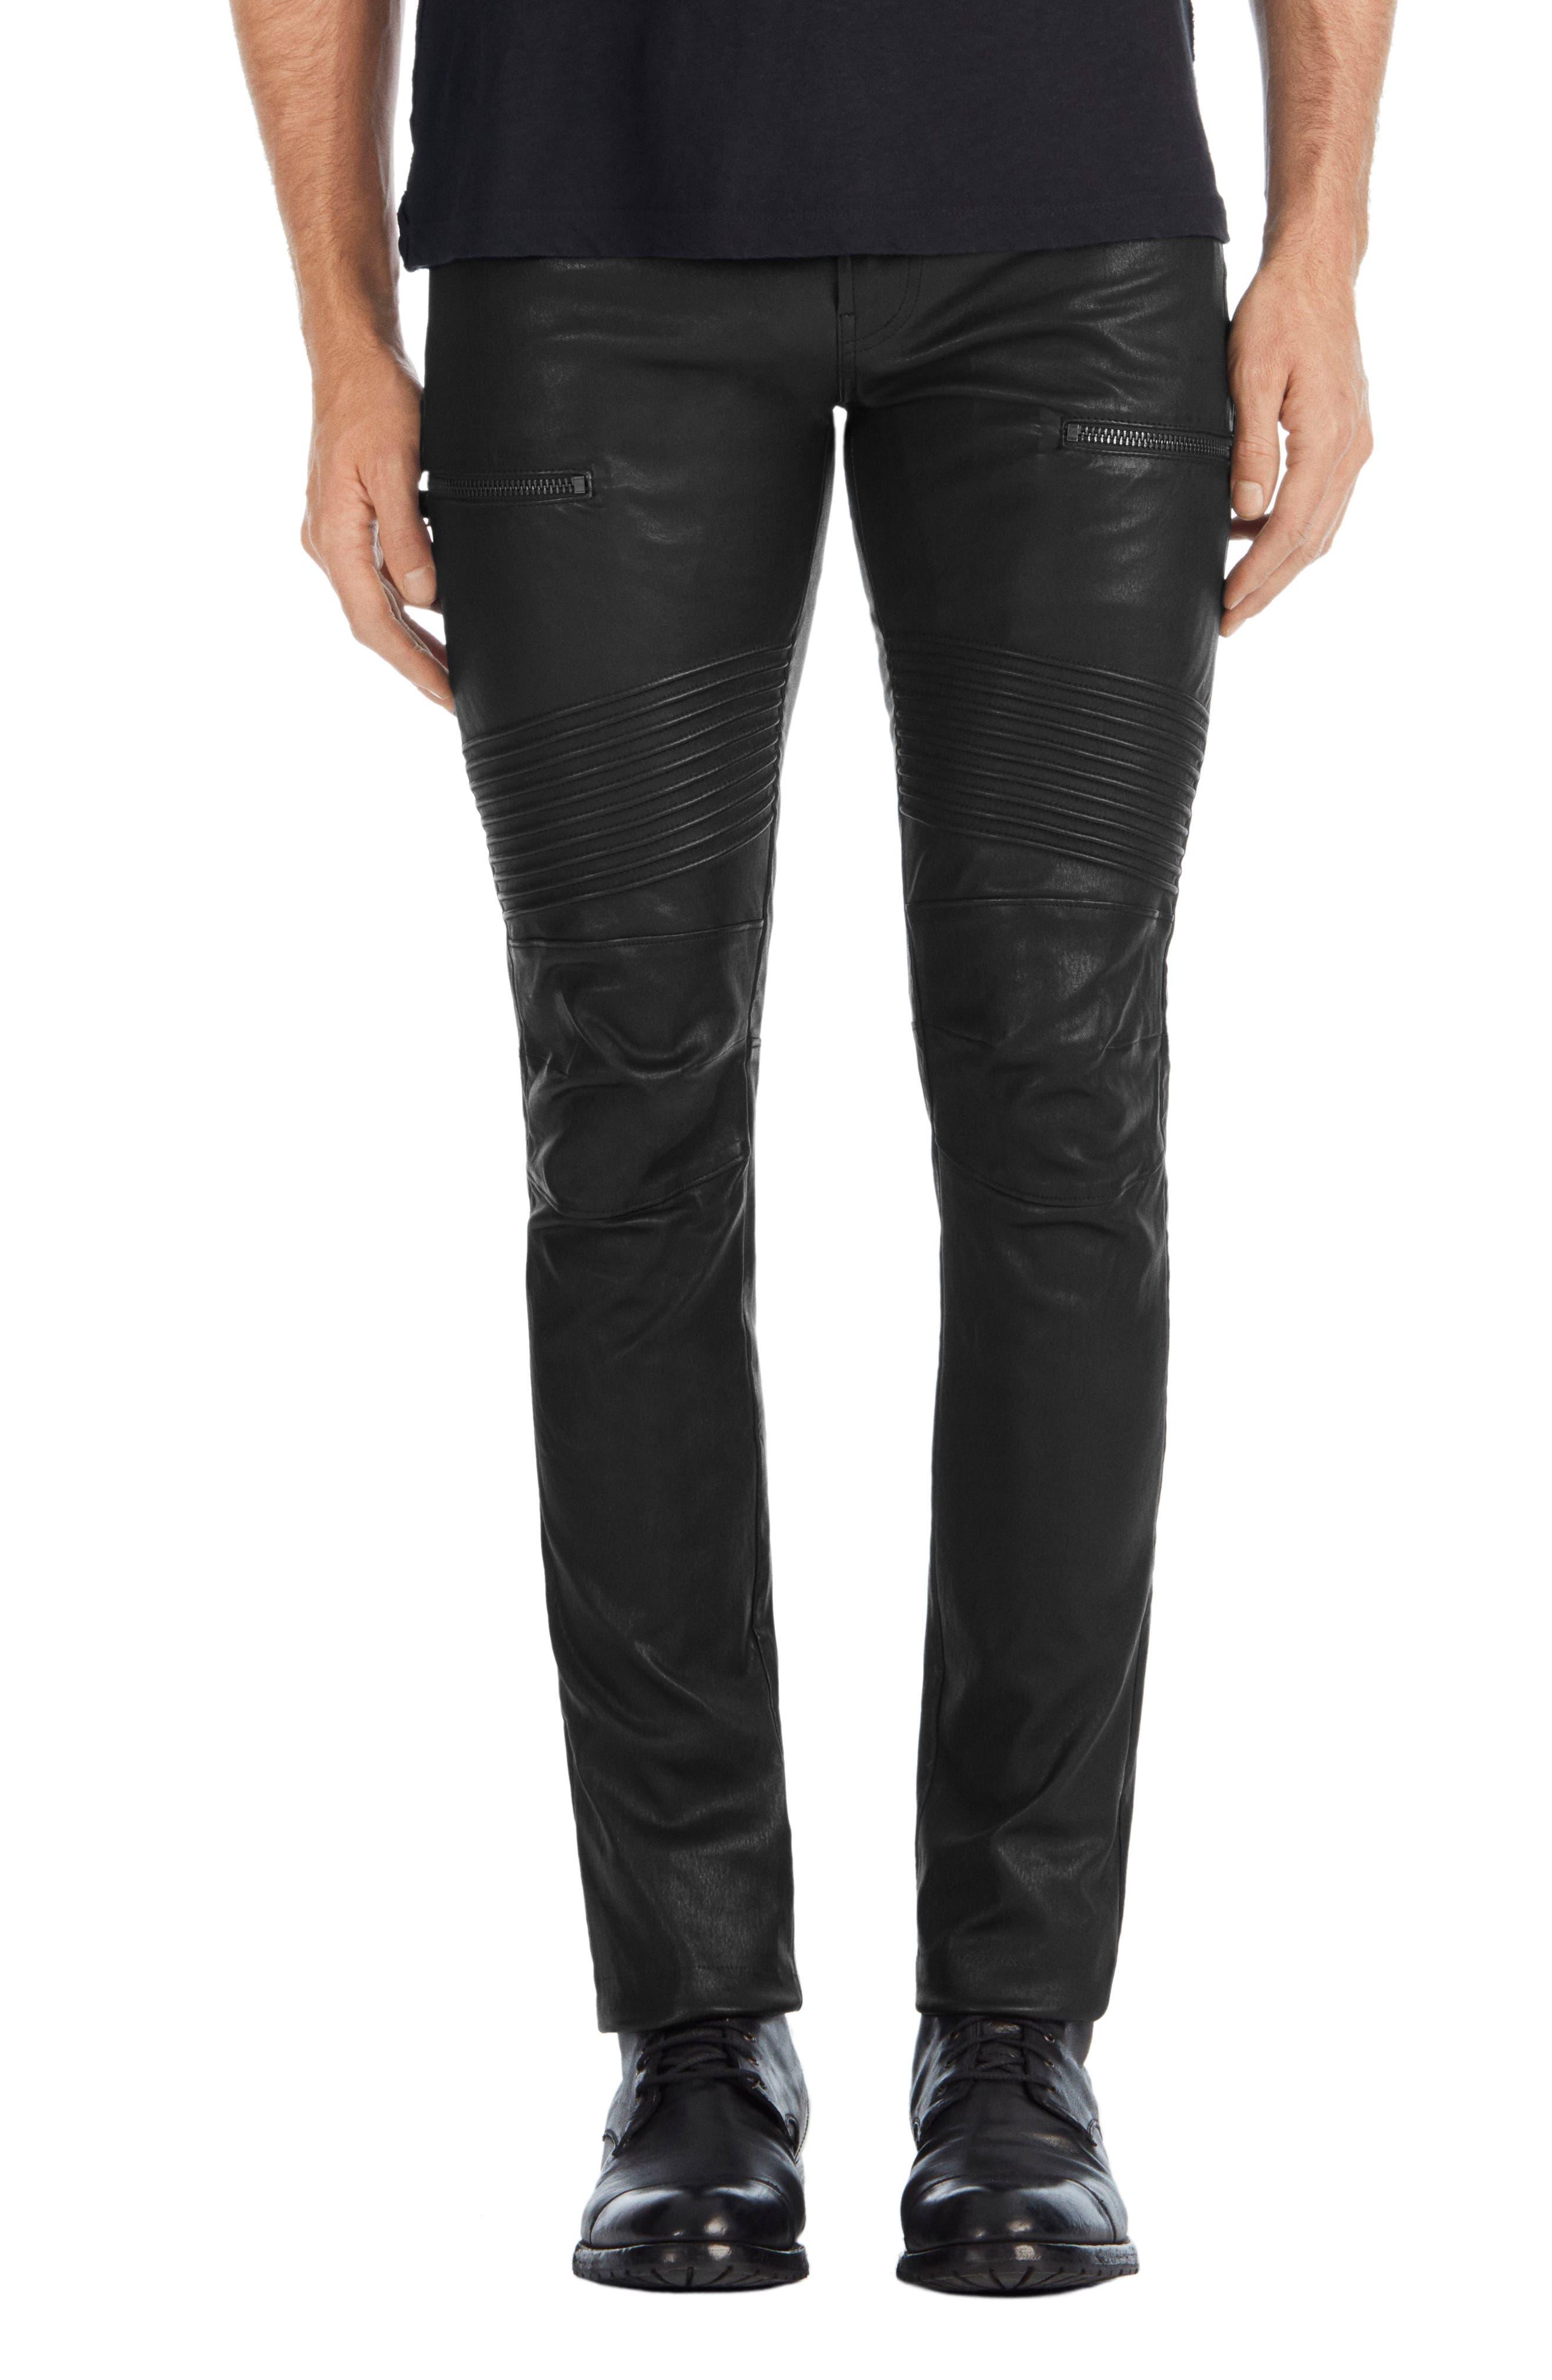 Acrux Skinny Leg Leather Pants,                             Main thumbnail 1, color,                             Black